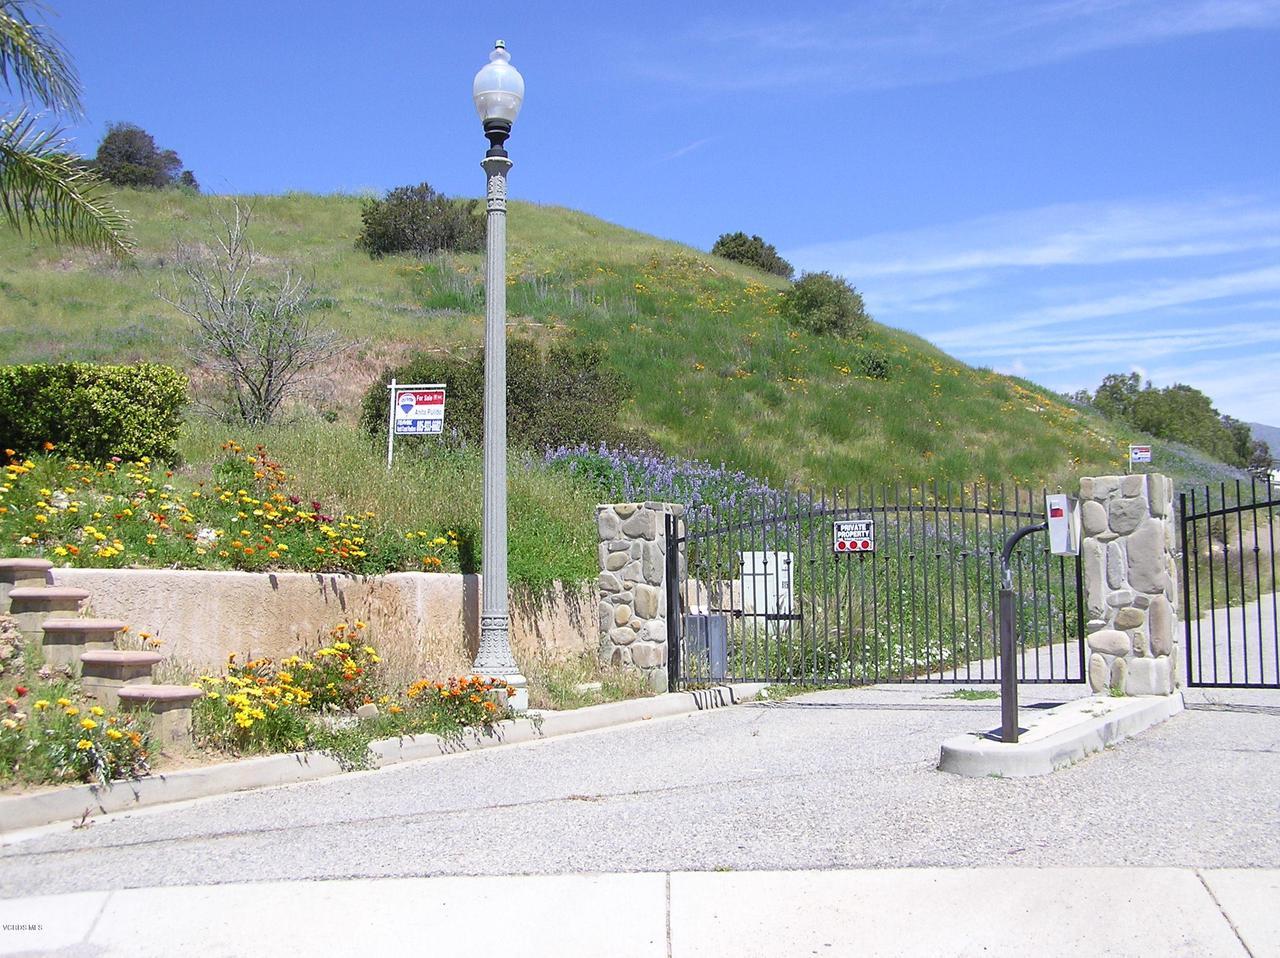 MONTCLAIR, Santa Paula, CA 93060 - Montclair Lot '19